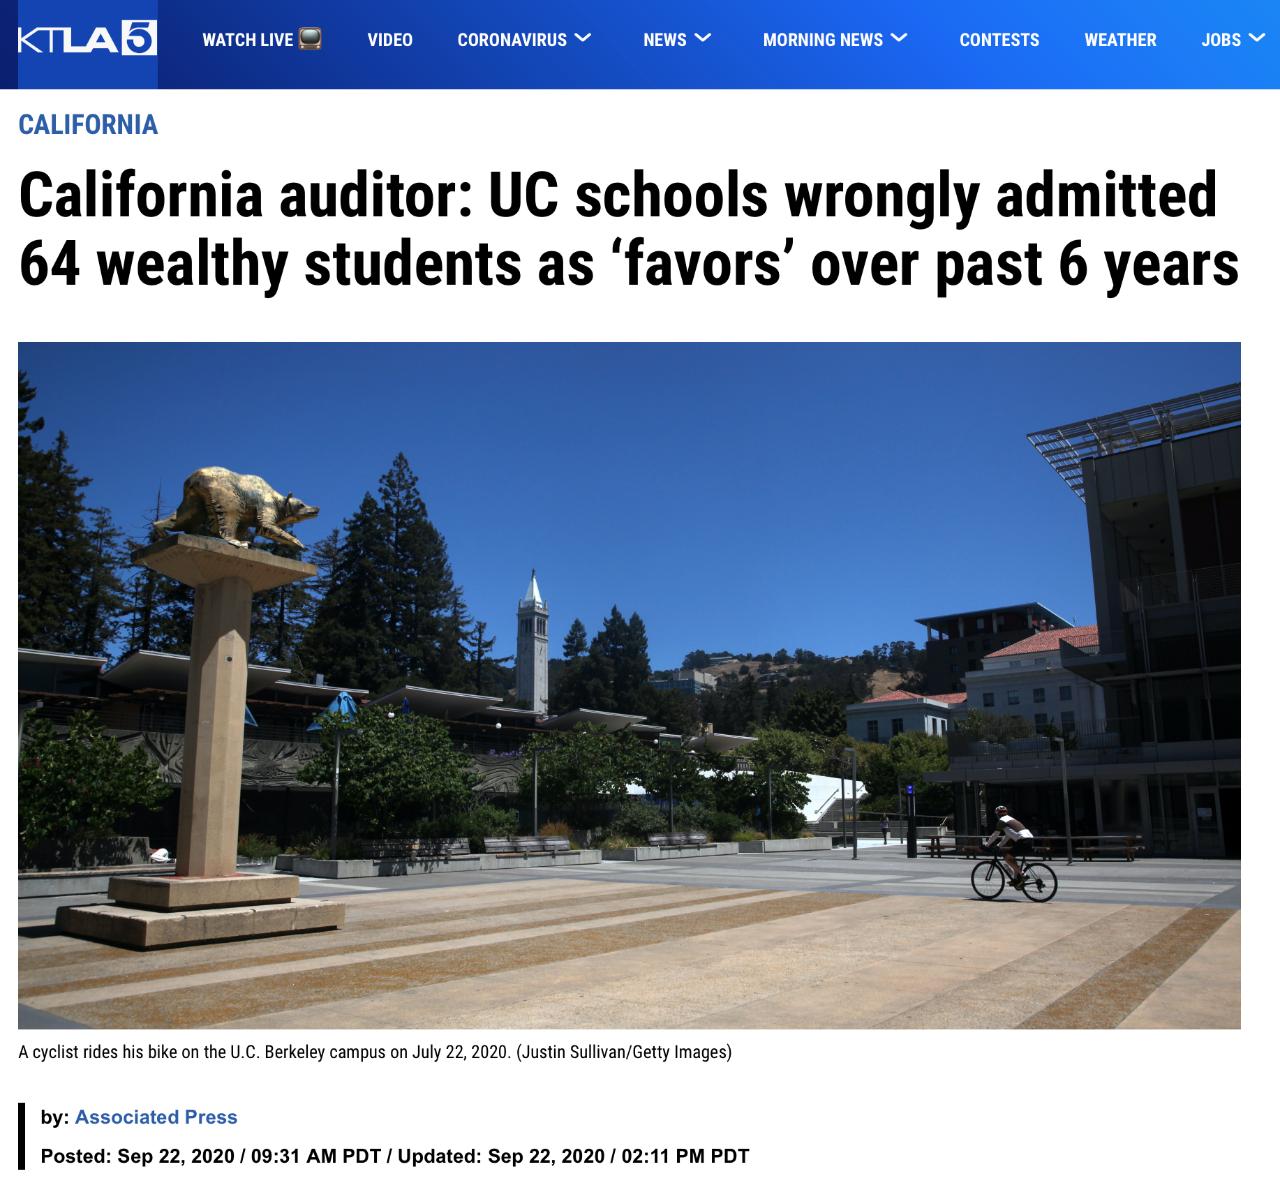 美国大学录取舞弊丑闻!64名伯克利、UCLA等校学生涉嫌违规录取,美国名校有钱就能申请?